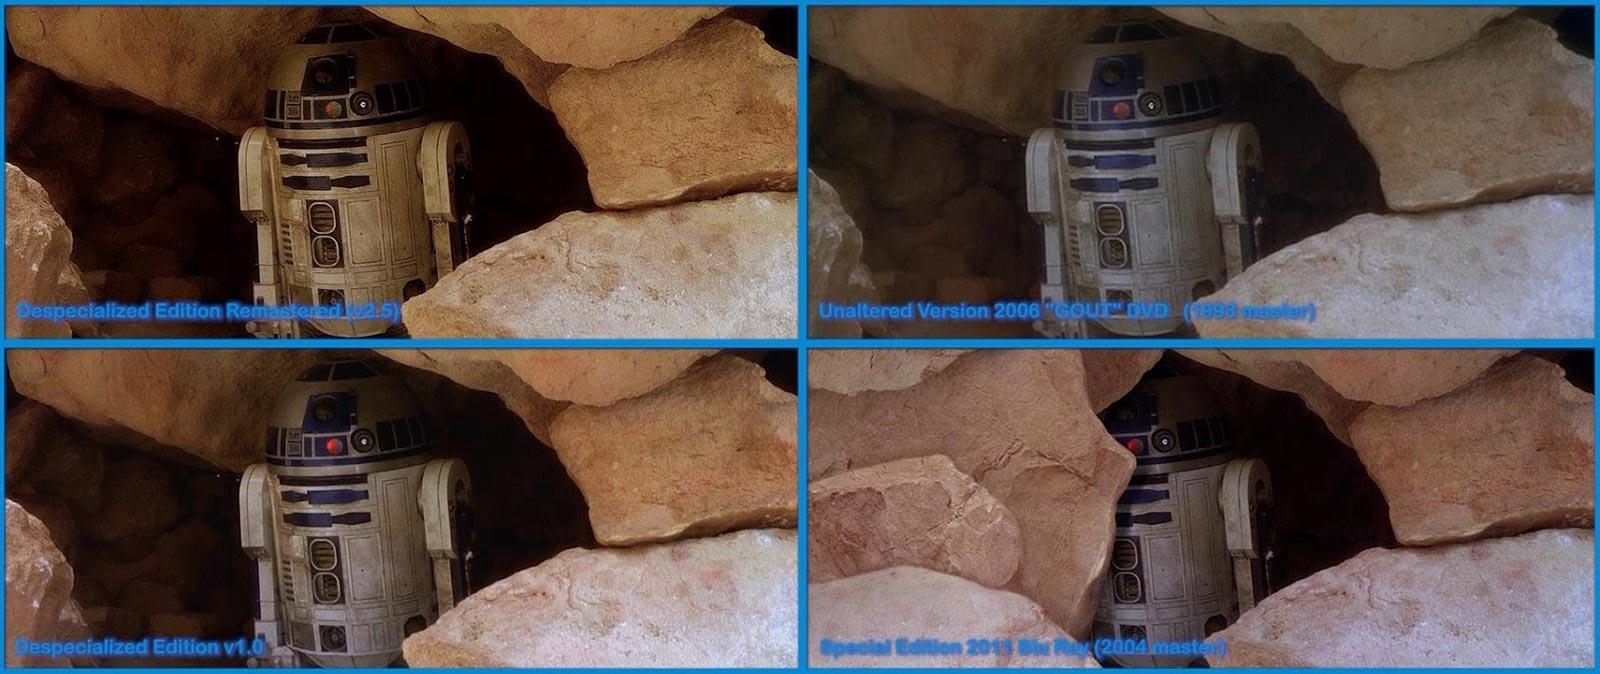 Un exemple des différences entre les versions de Star Wars.